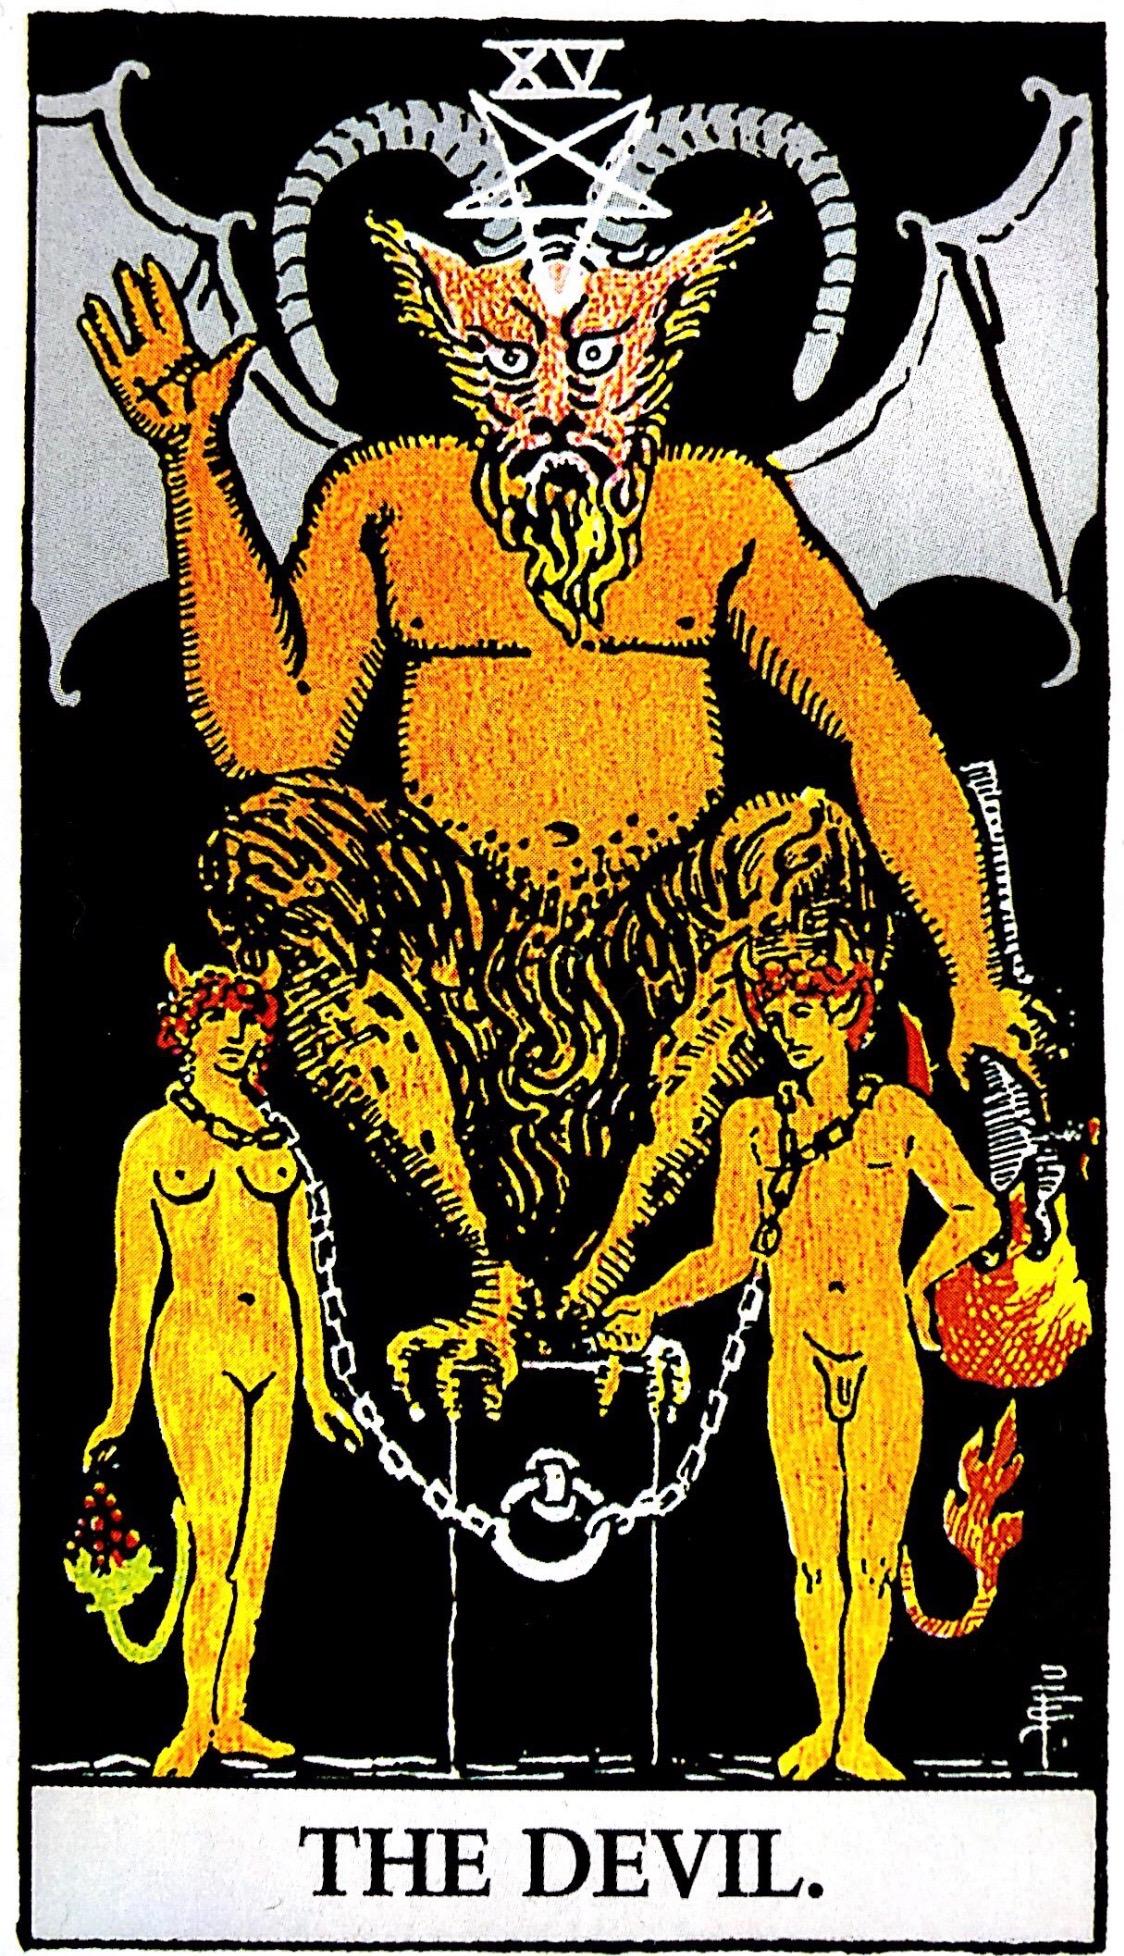 タロット占い「悪魔」の意味【正位置】